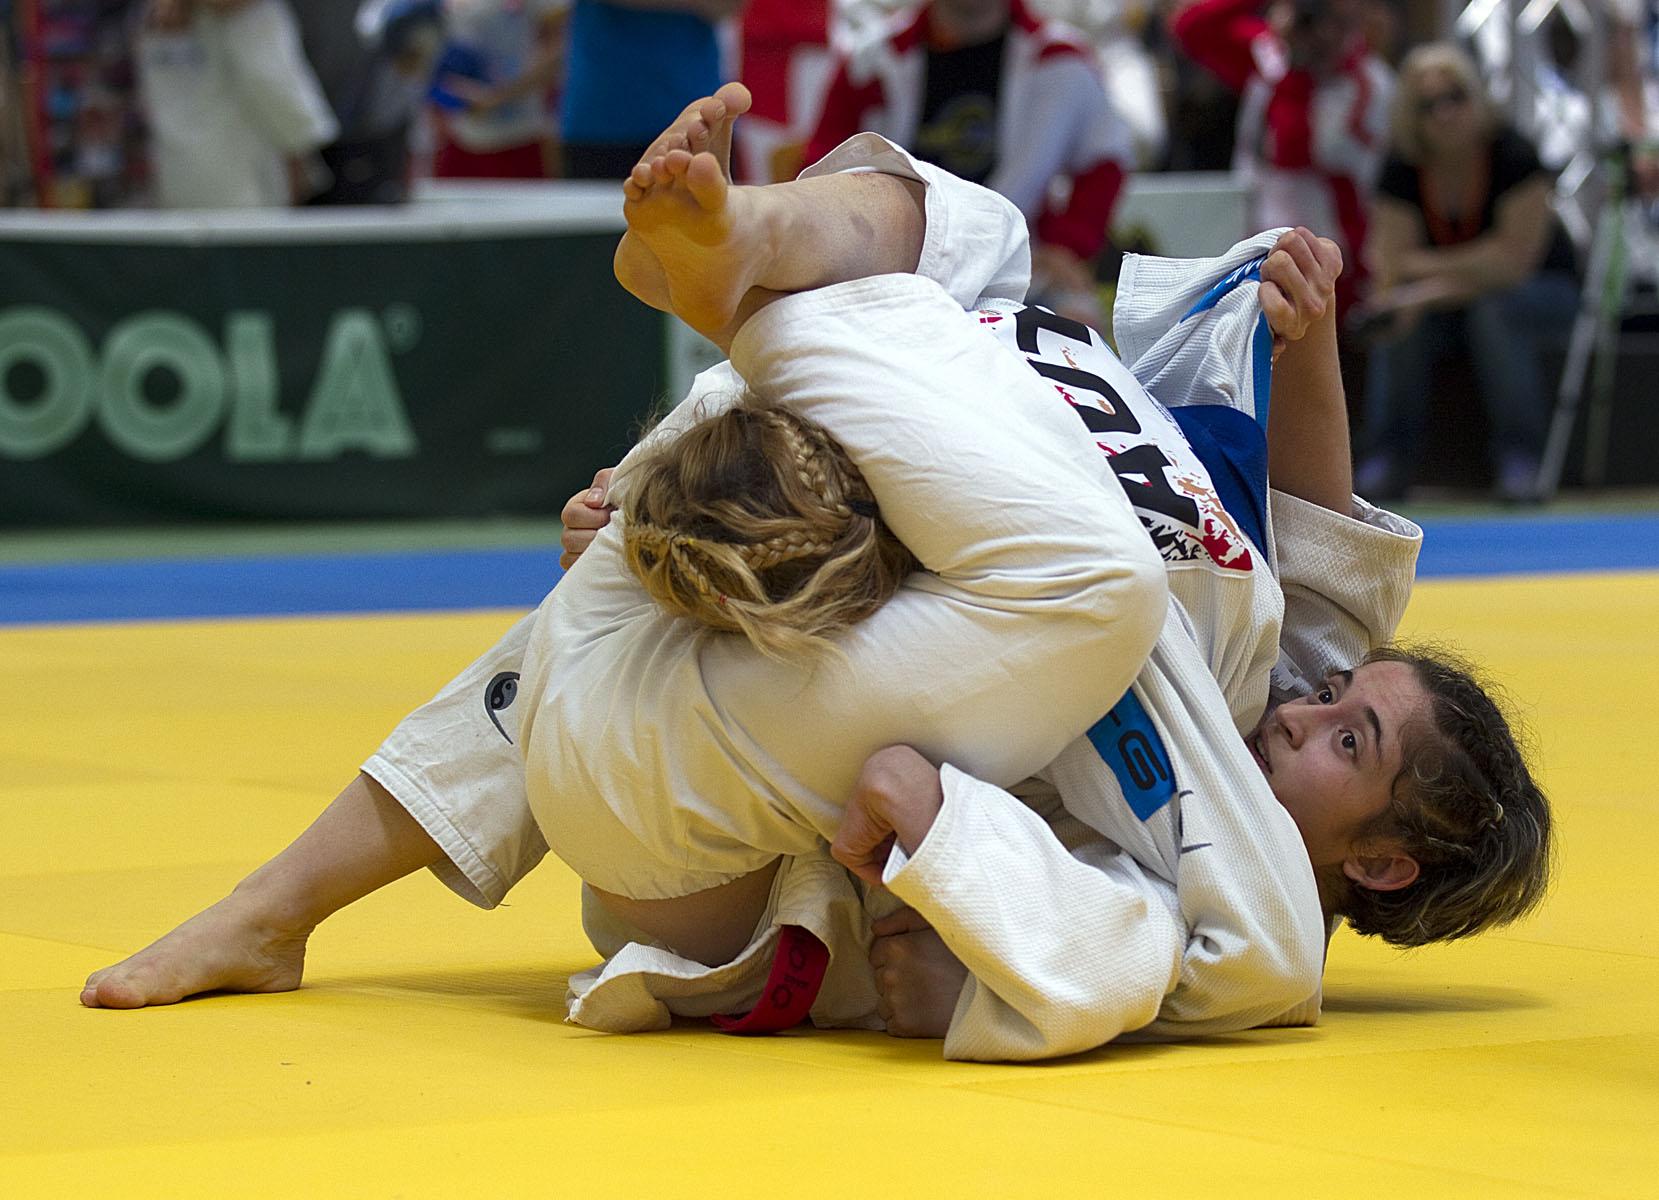 Ju-Jitsu Ne Waza Competition in Hungary, 26/09/15